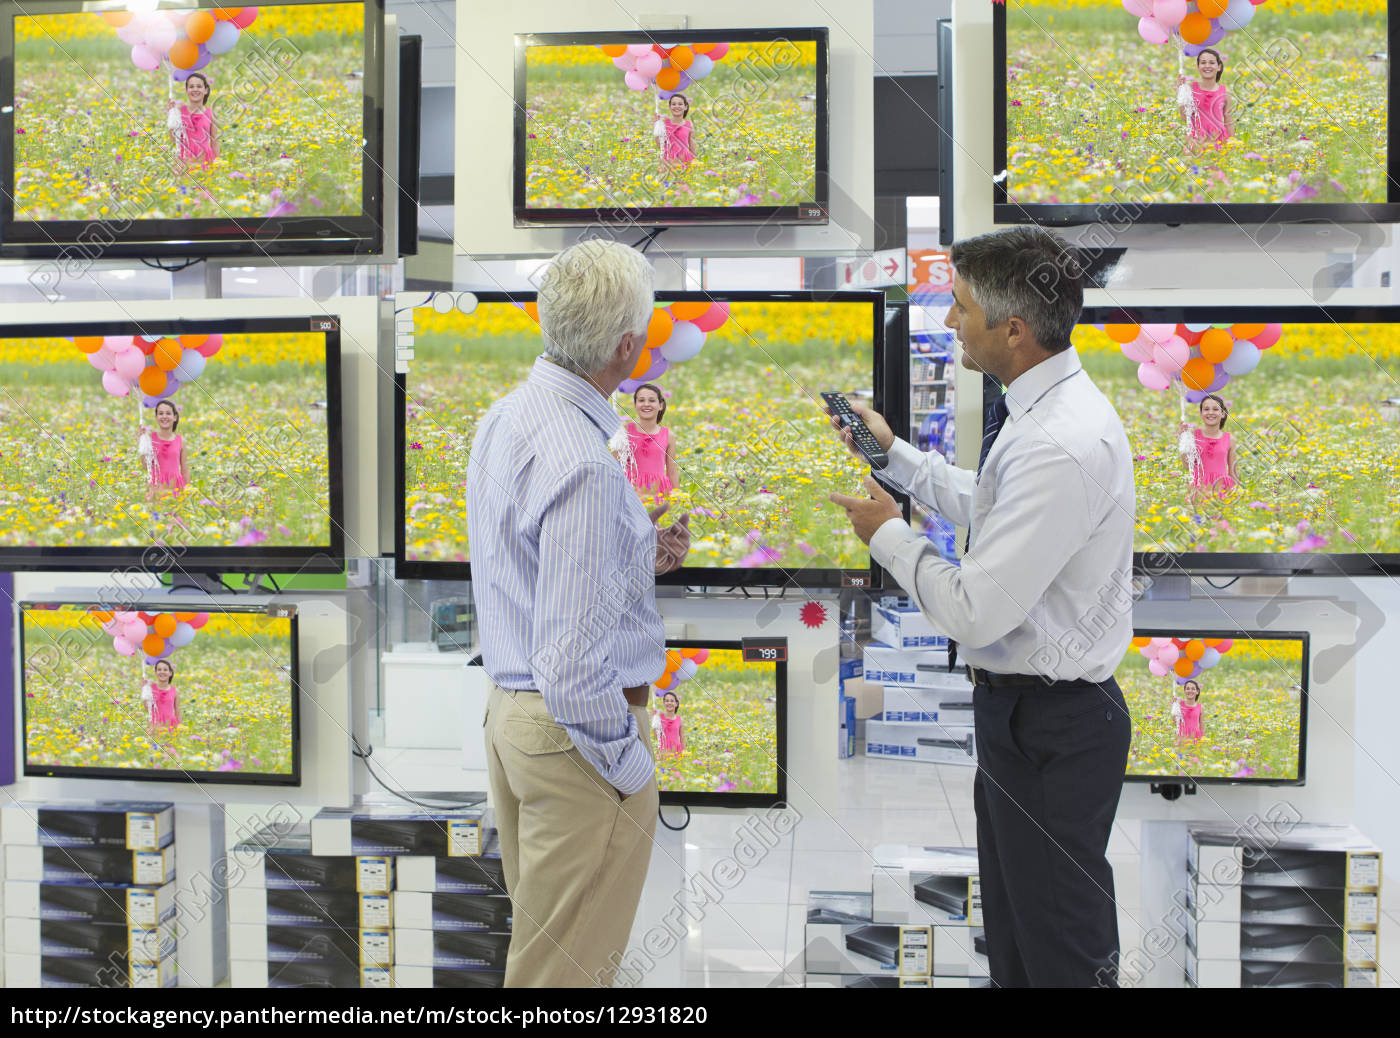 verkäufer, zeigt, älterer, mann, flachbild-fernseher, in, einem - 12931820